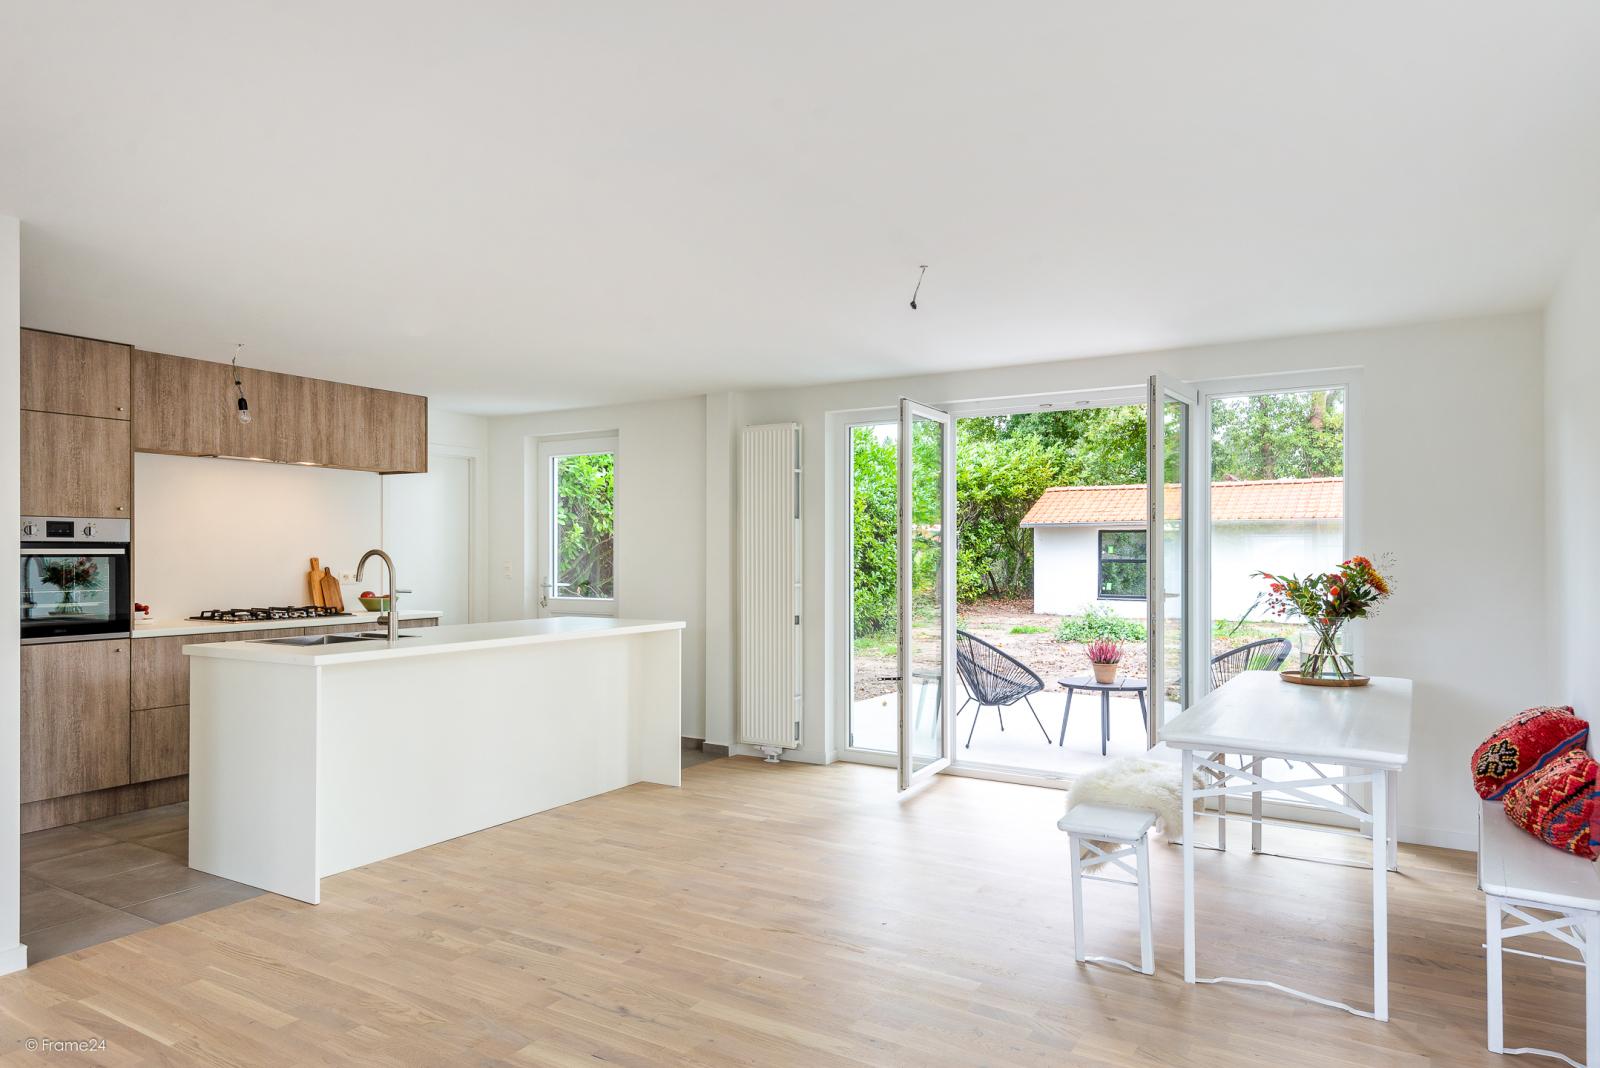 Volledig vernieuwde vrijstaande woning met drie slaapkamers op een hoekperceel van 776 m² te Schilde! afbeelding 2